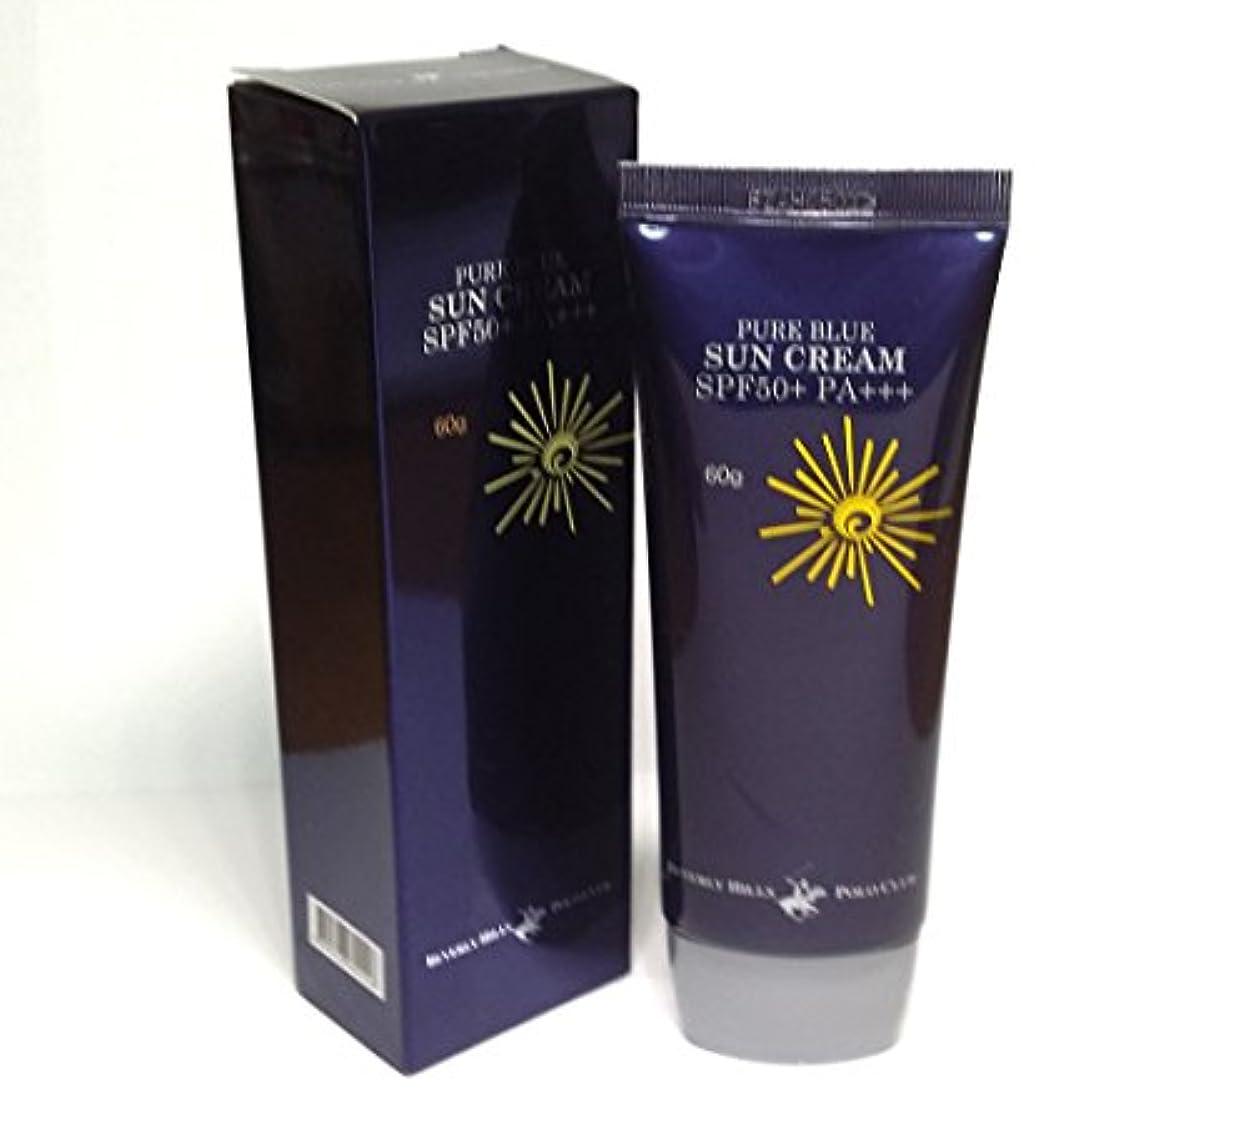 一致するすり雄大な[BEVERLY HILLS POLO CLUB] ピュアブルーサンクリームSPF50 + PA +++ 60g X 1ea / 韓国化粧品 / Pure Blue Sun Cream SPF50+ PA+++ 60g...